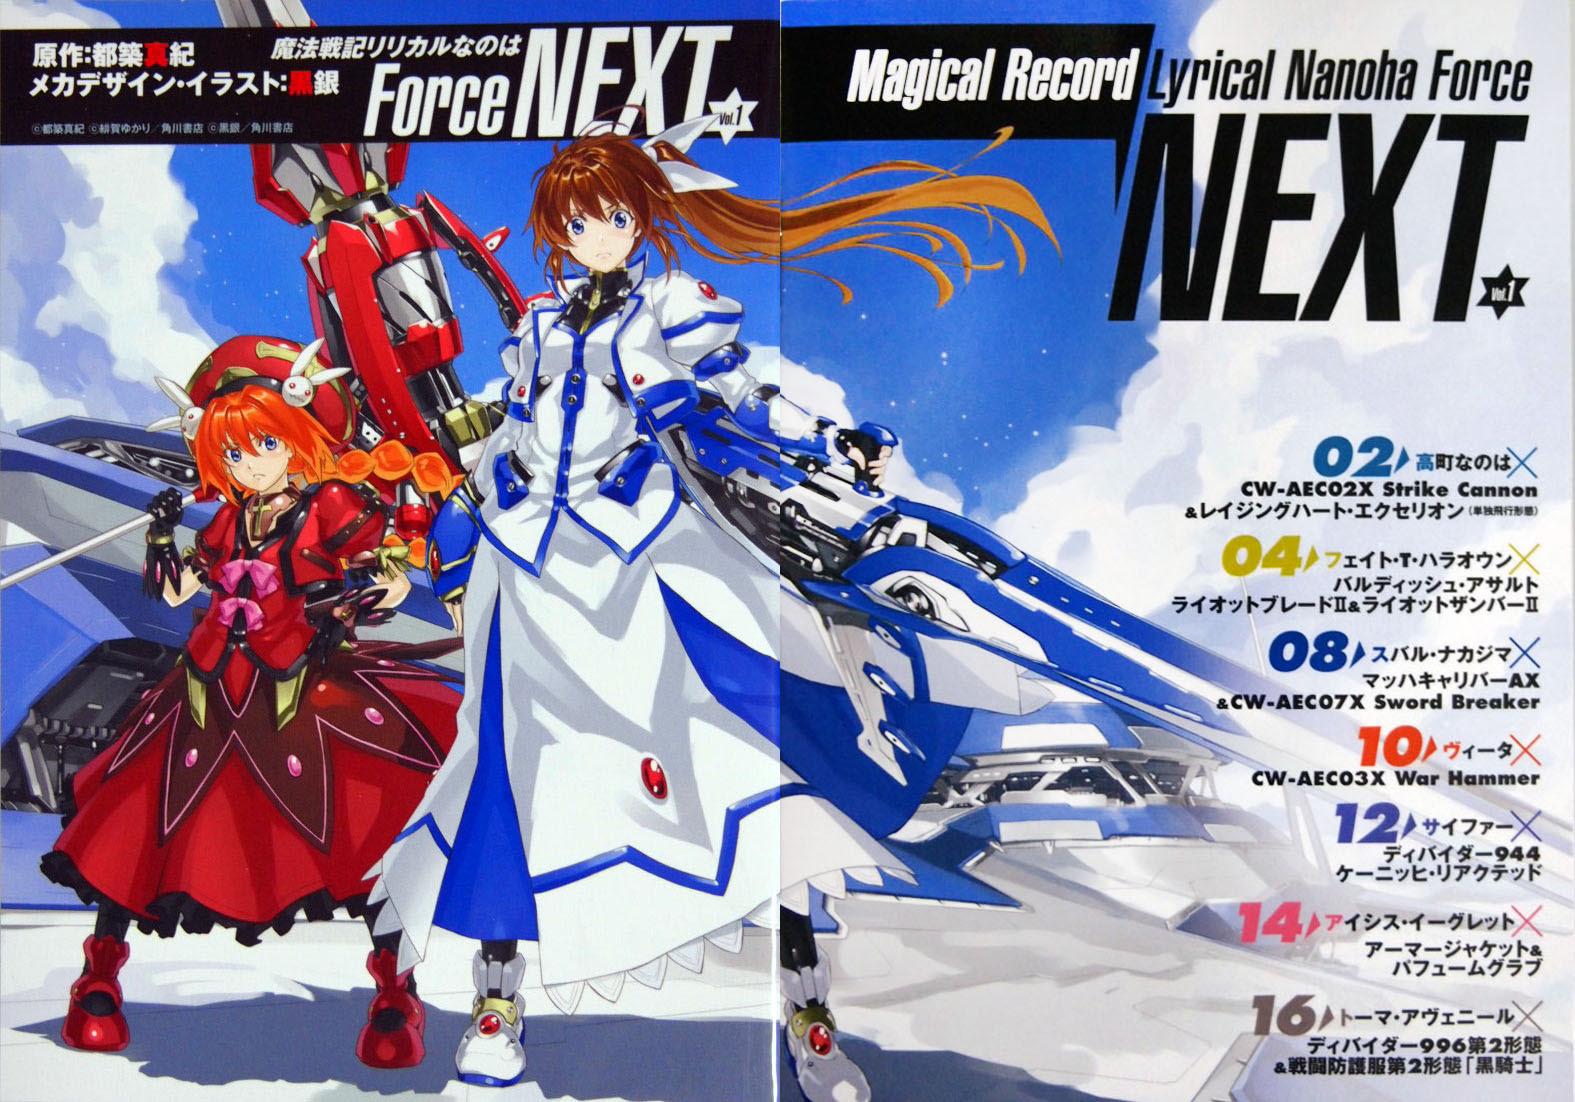 新しい 魔法 戦記 リリカル なのは Force アニメ 化 アニメ壁紙